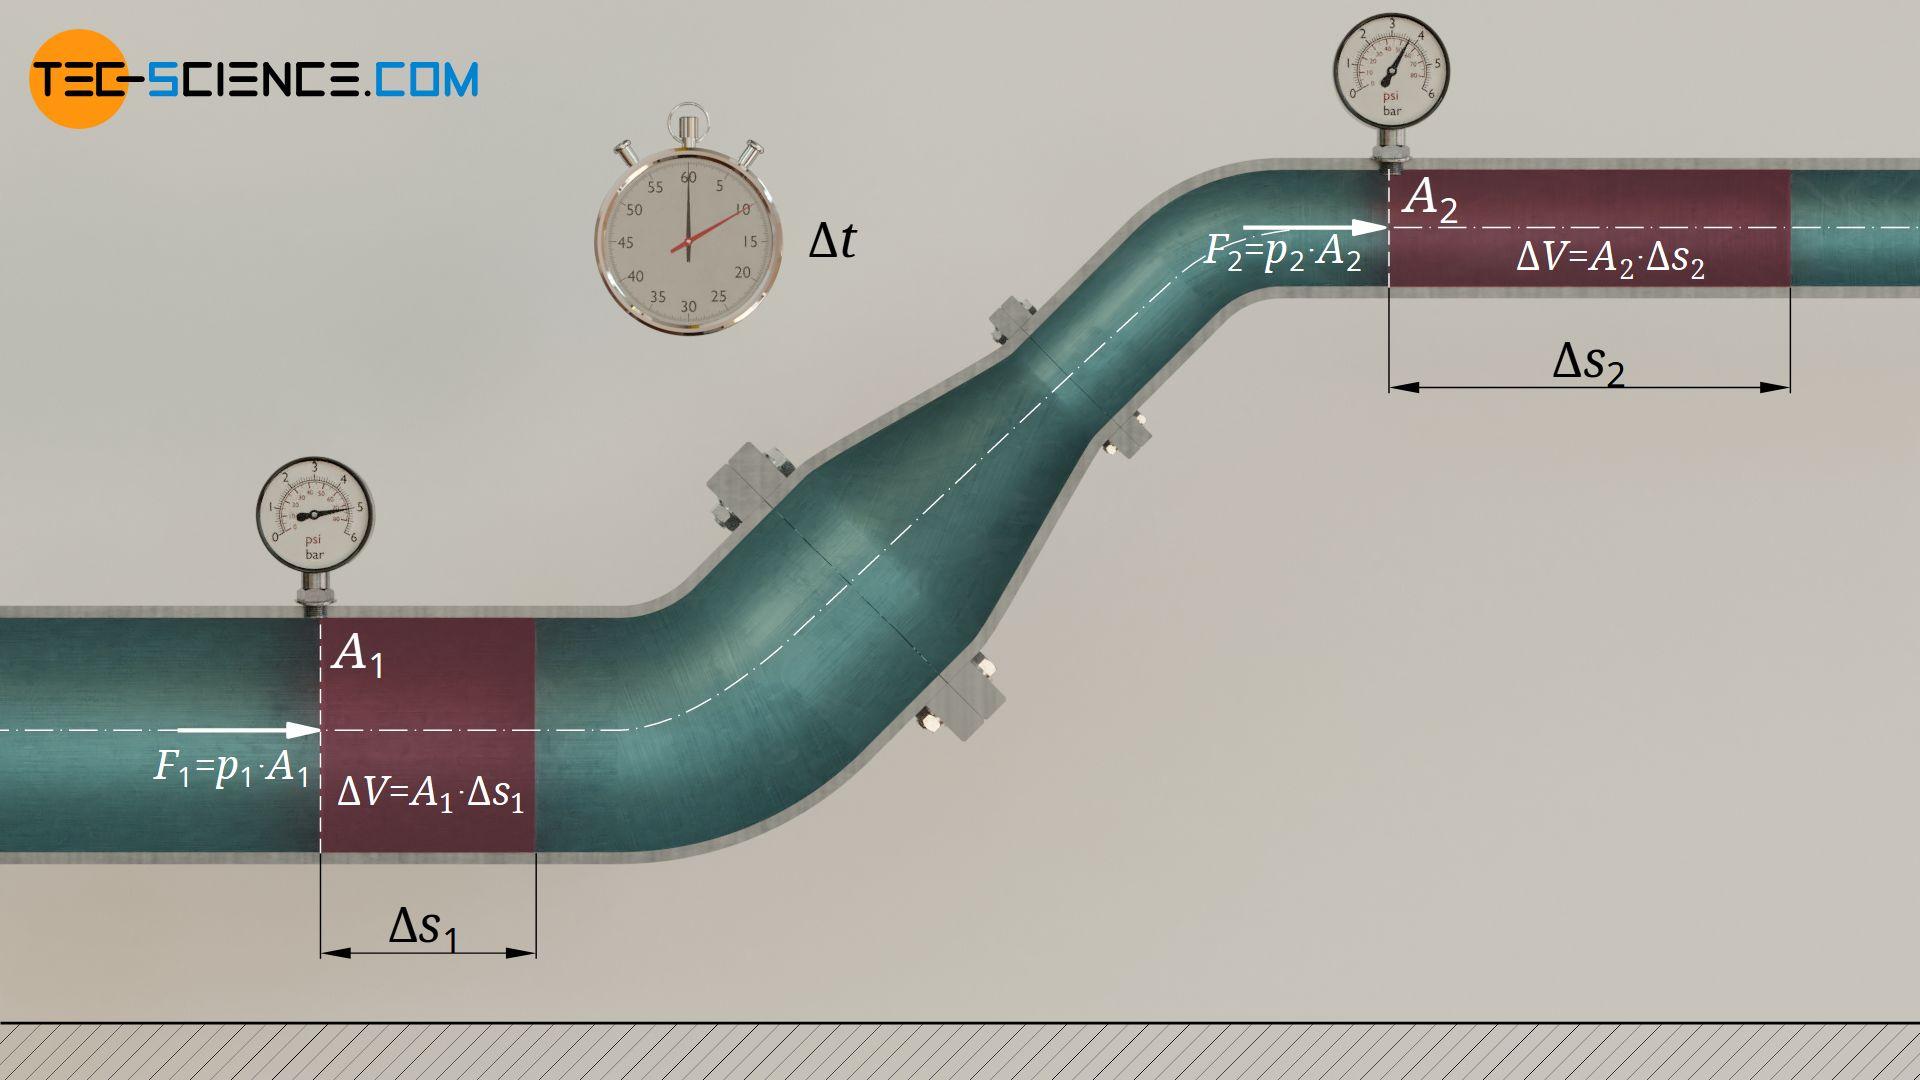 Energie mit der ein Fluidvolumen aufgrund des statischen Drucks aus dem Rohrabschnitt ausgeschoben wird